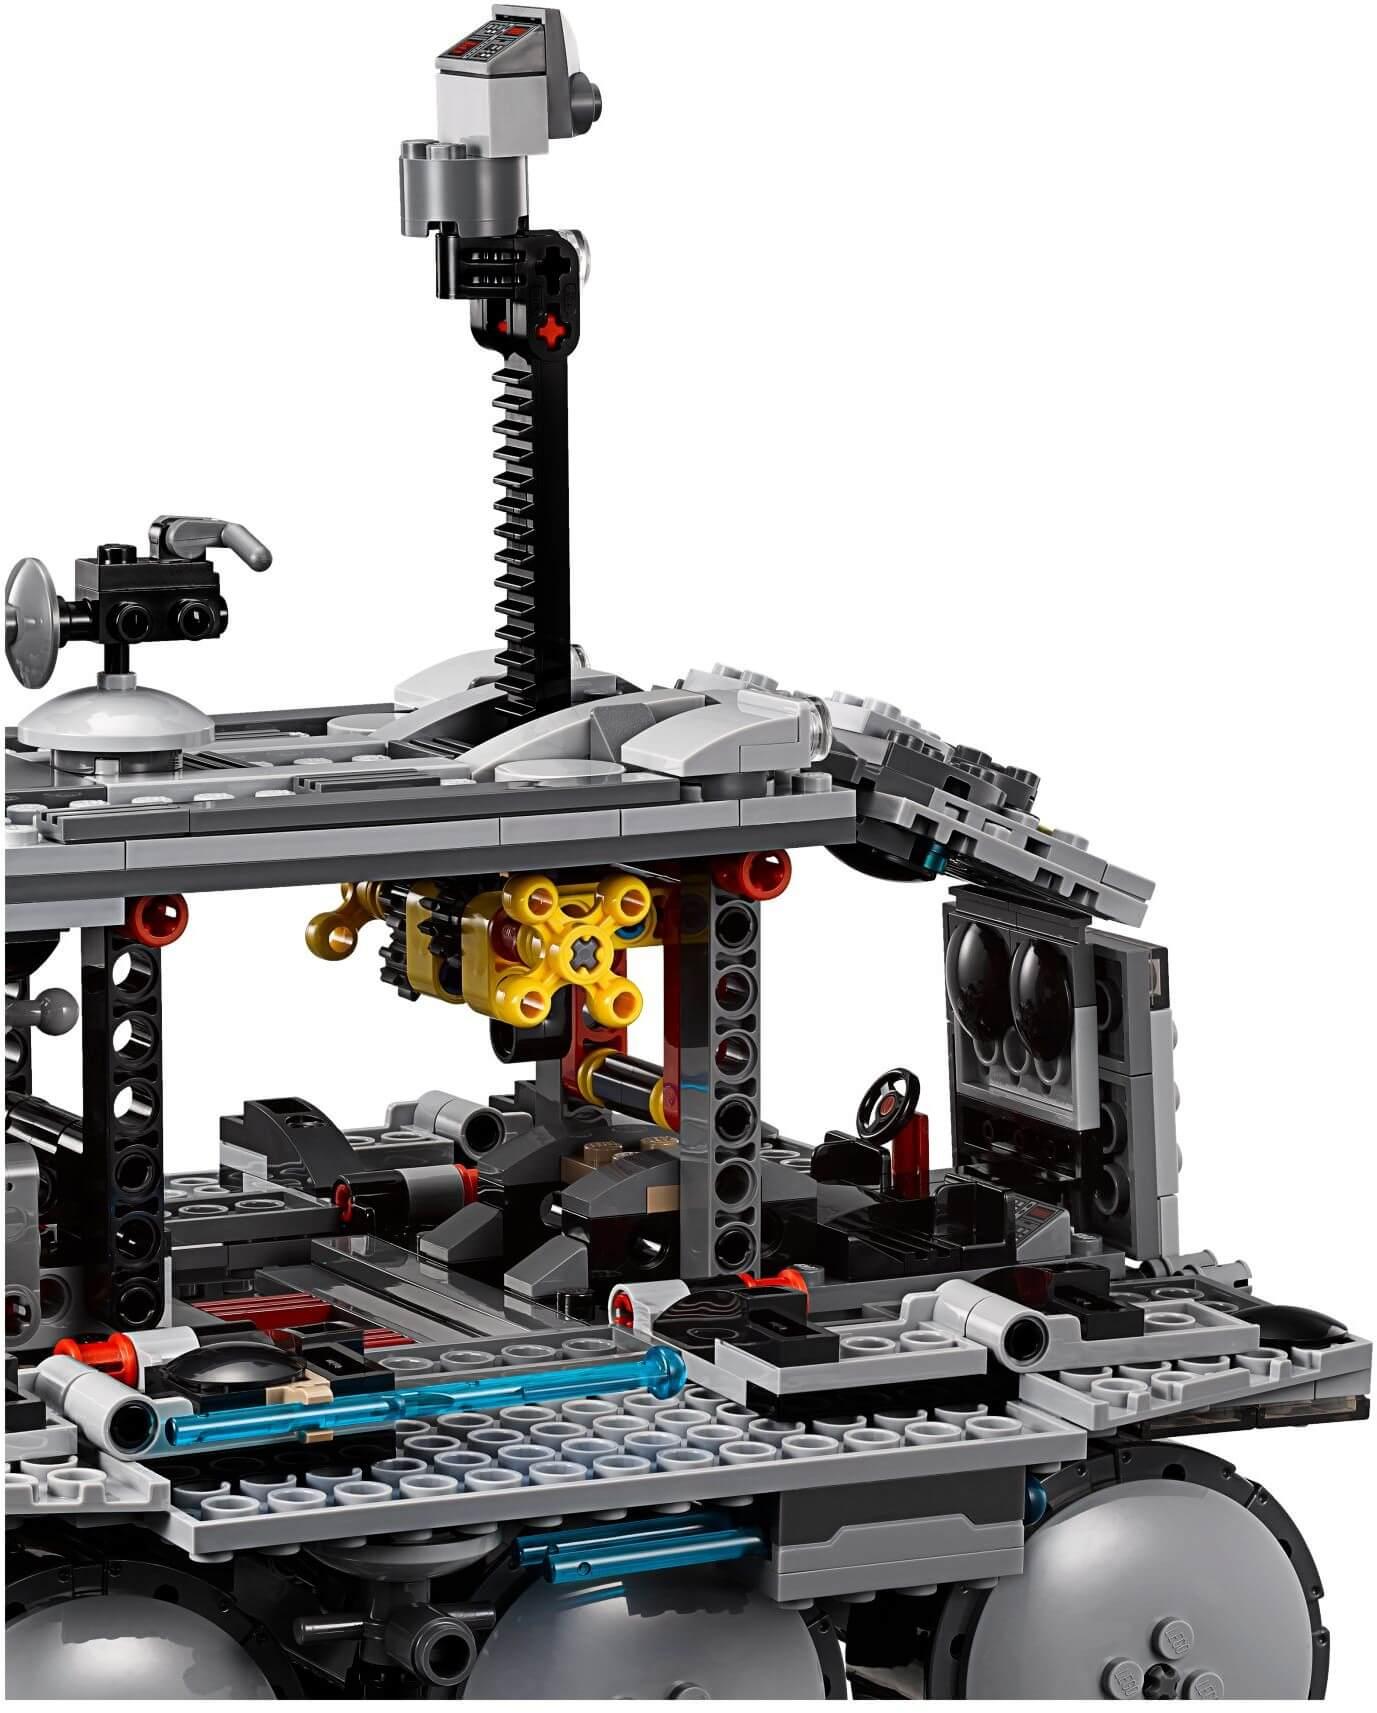 Mua đồ chơi LEGO 75151 - LEGO Star Wars 75151 - Xe Tăng Địa Hình Khổng Lồ (LEGO Star Wars Clone Turbo Tank 75151)